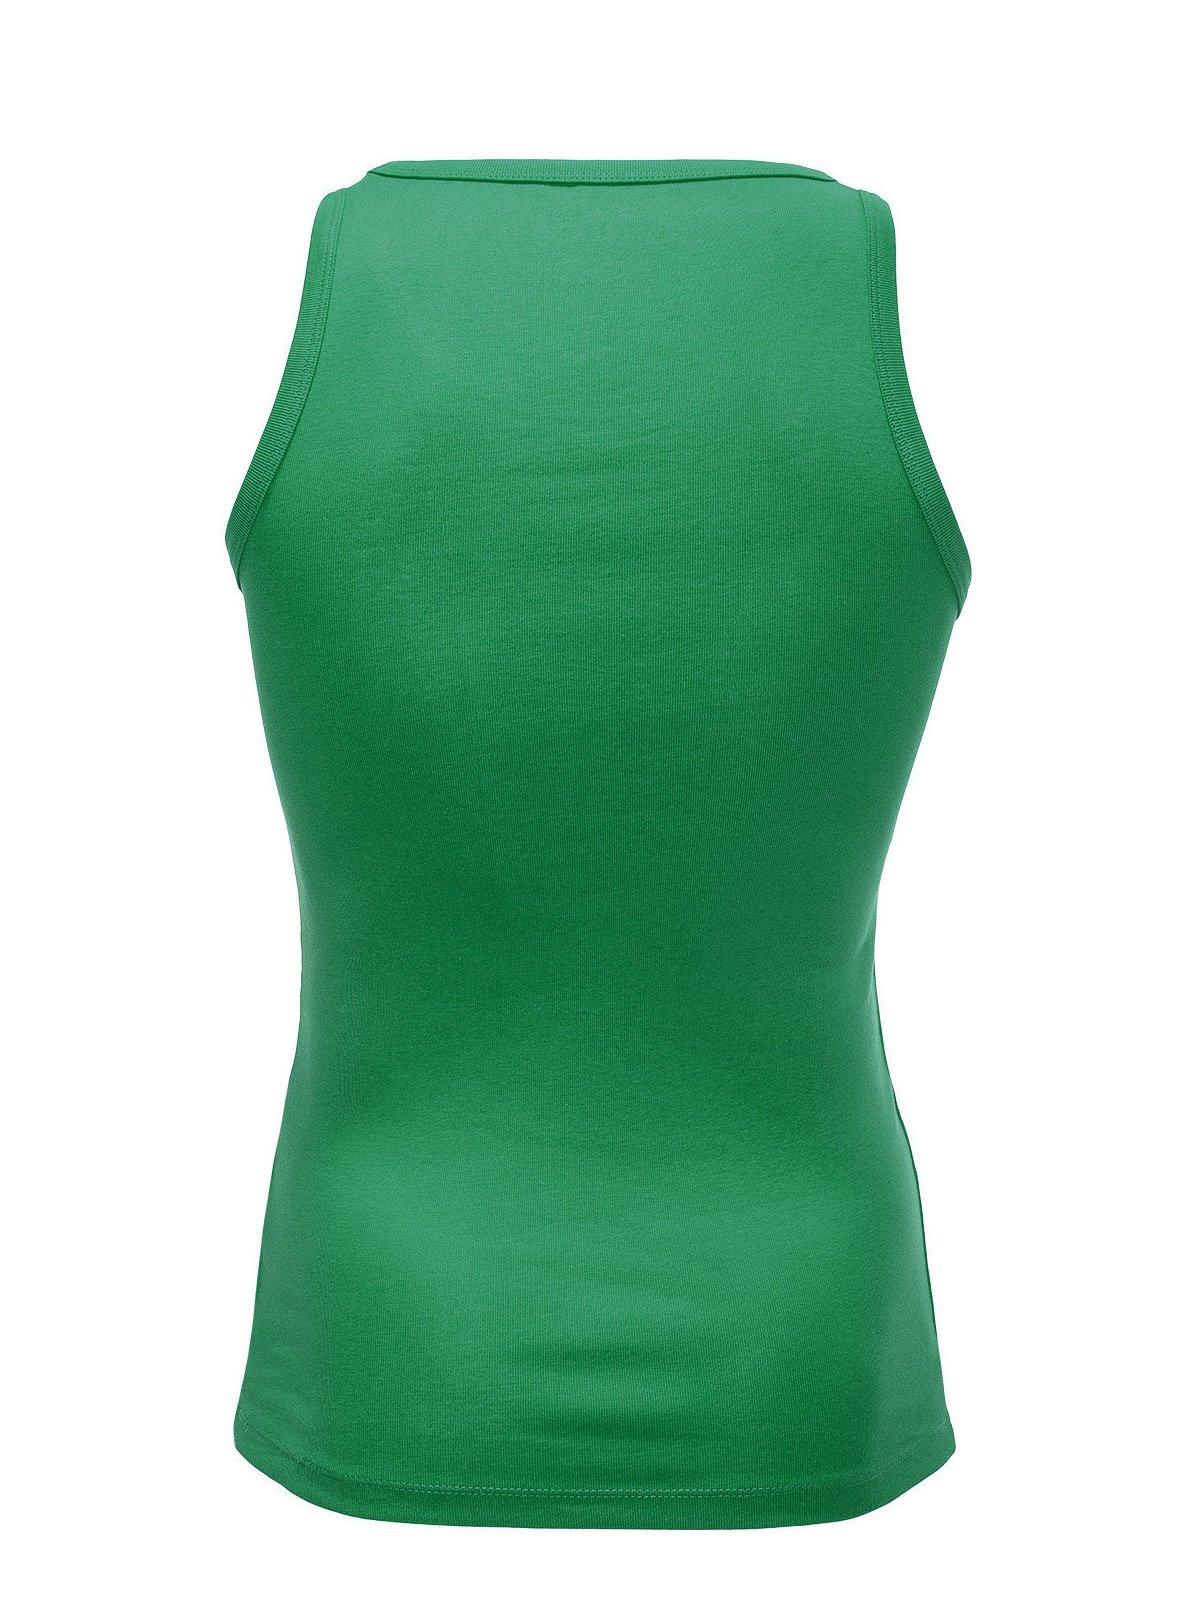 Майка зеленая | 2849263 | фото 2